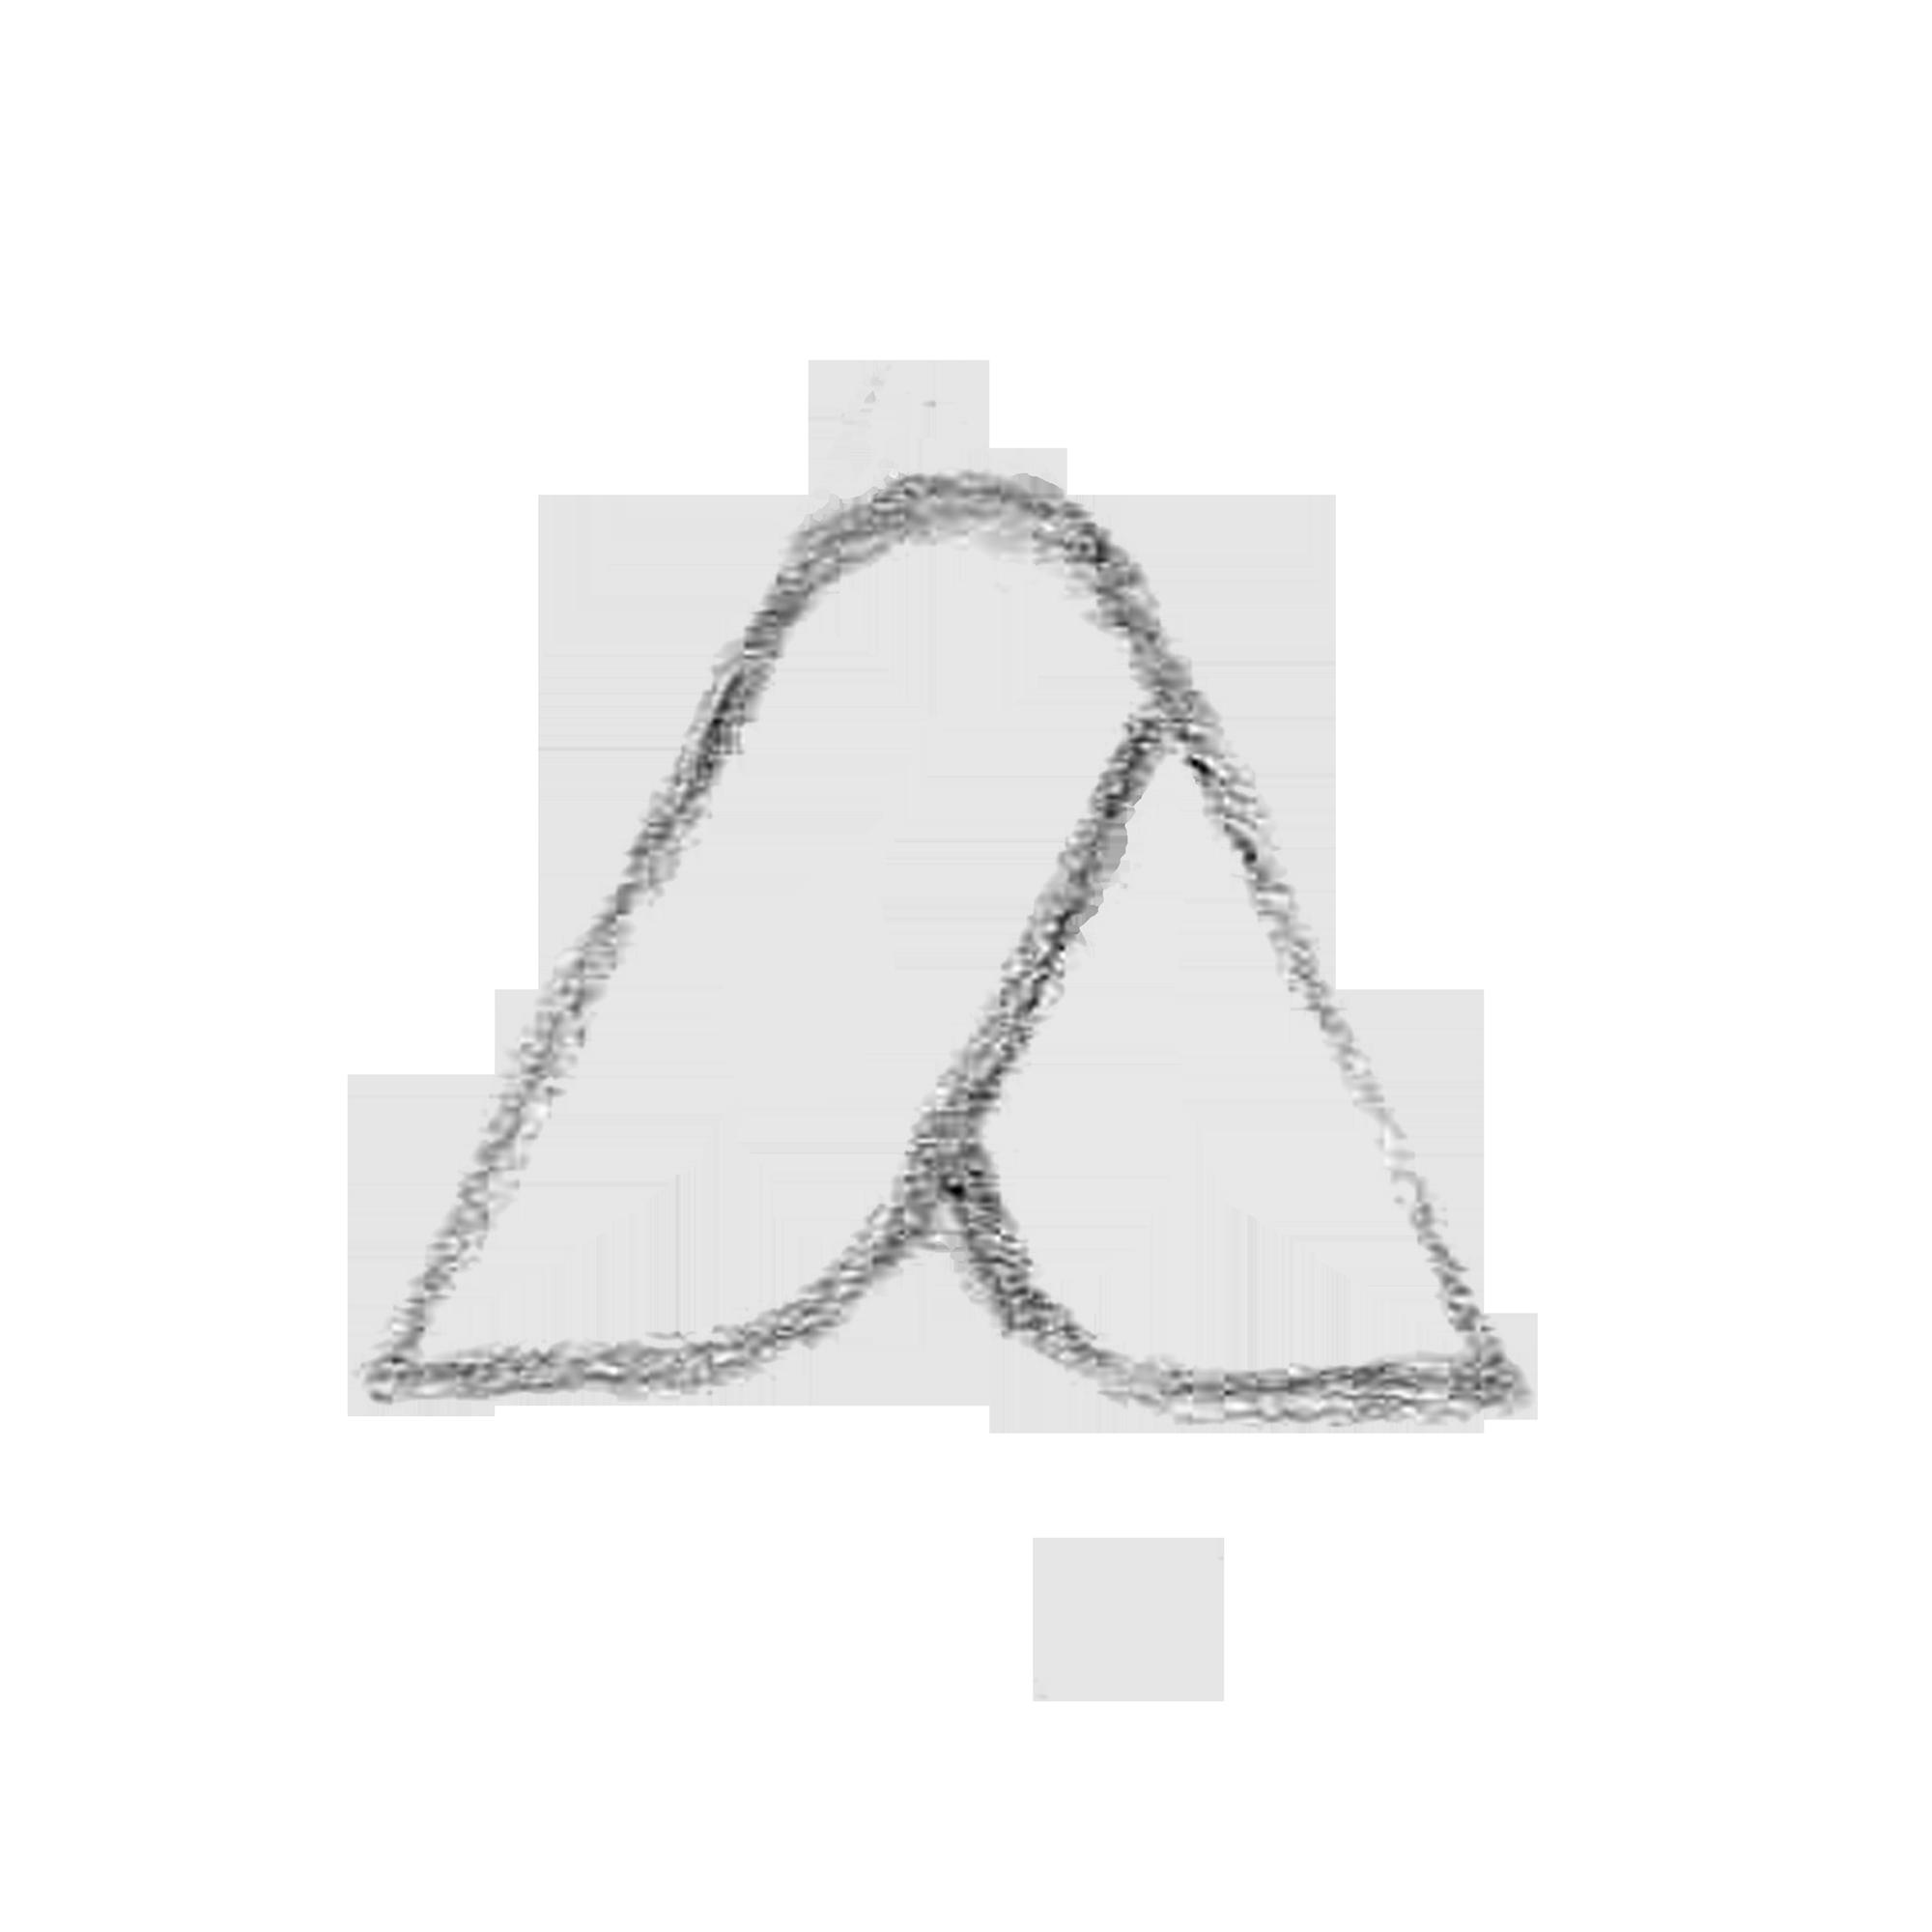 d-00.02-portfolio-alporium-brand-sketches-2.2